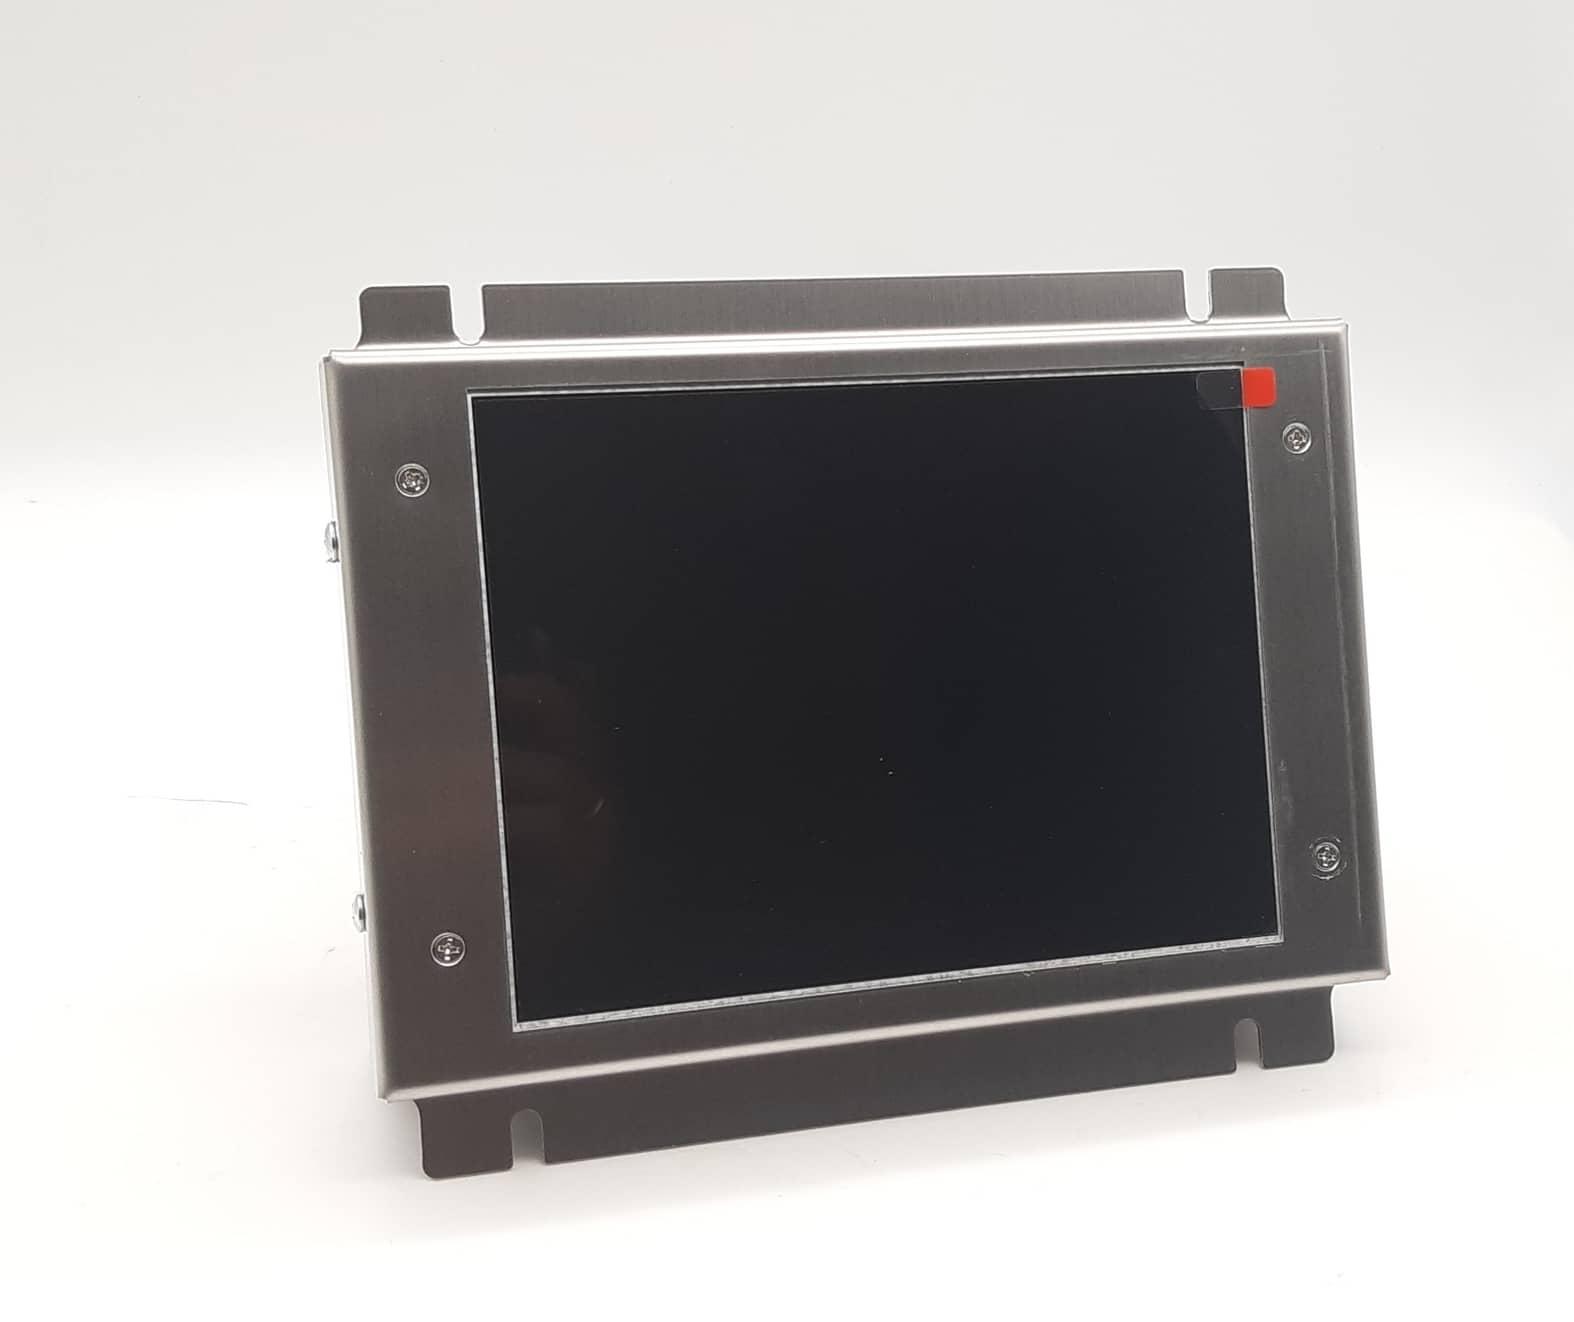 A61L-0001-0093 | MONITOR DISPLAY LCD | FANUC